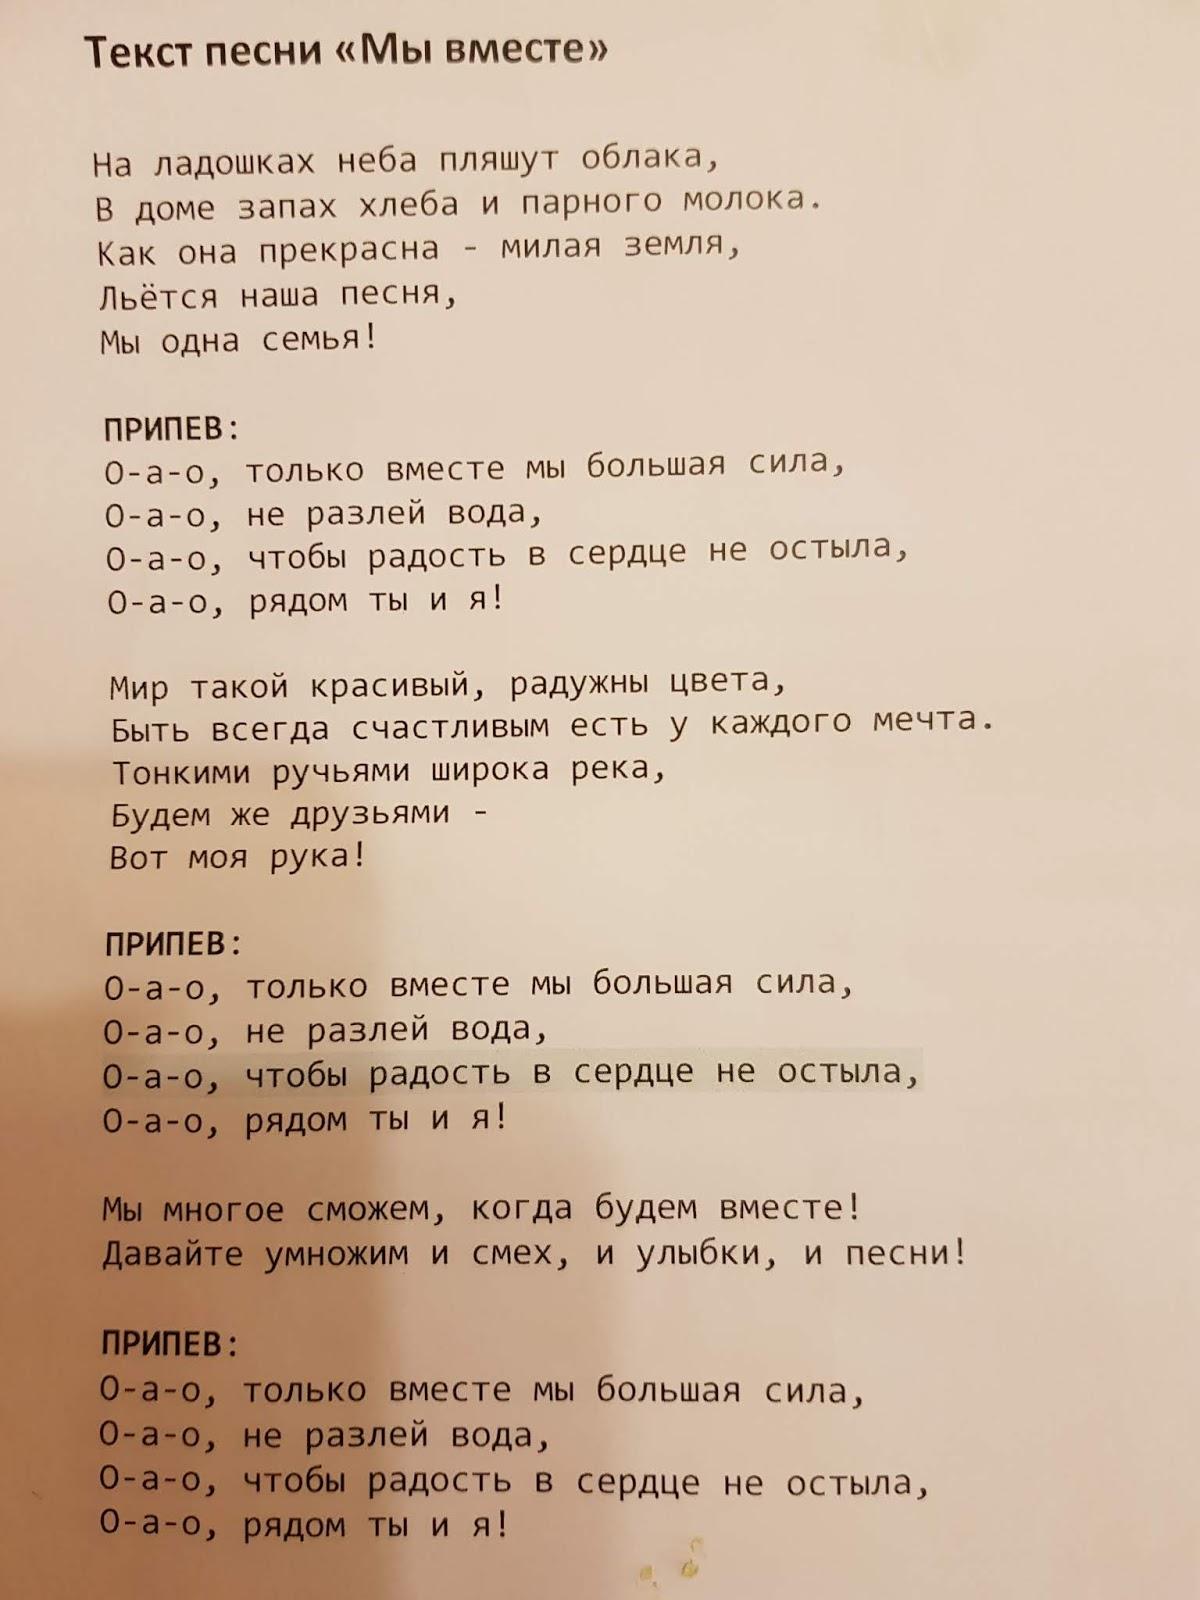 Текст Песни Обнажая